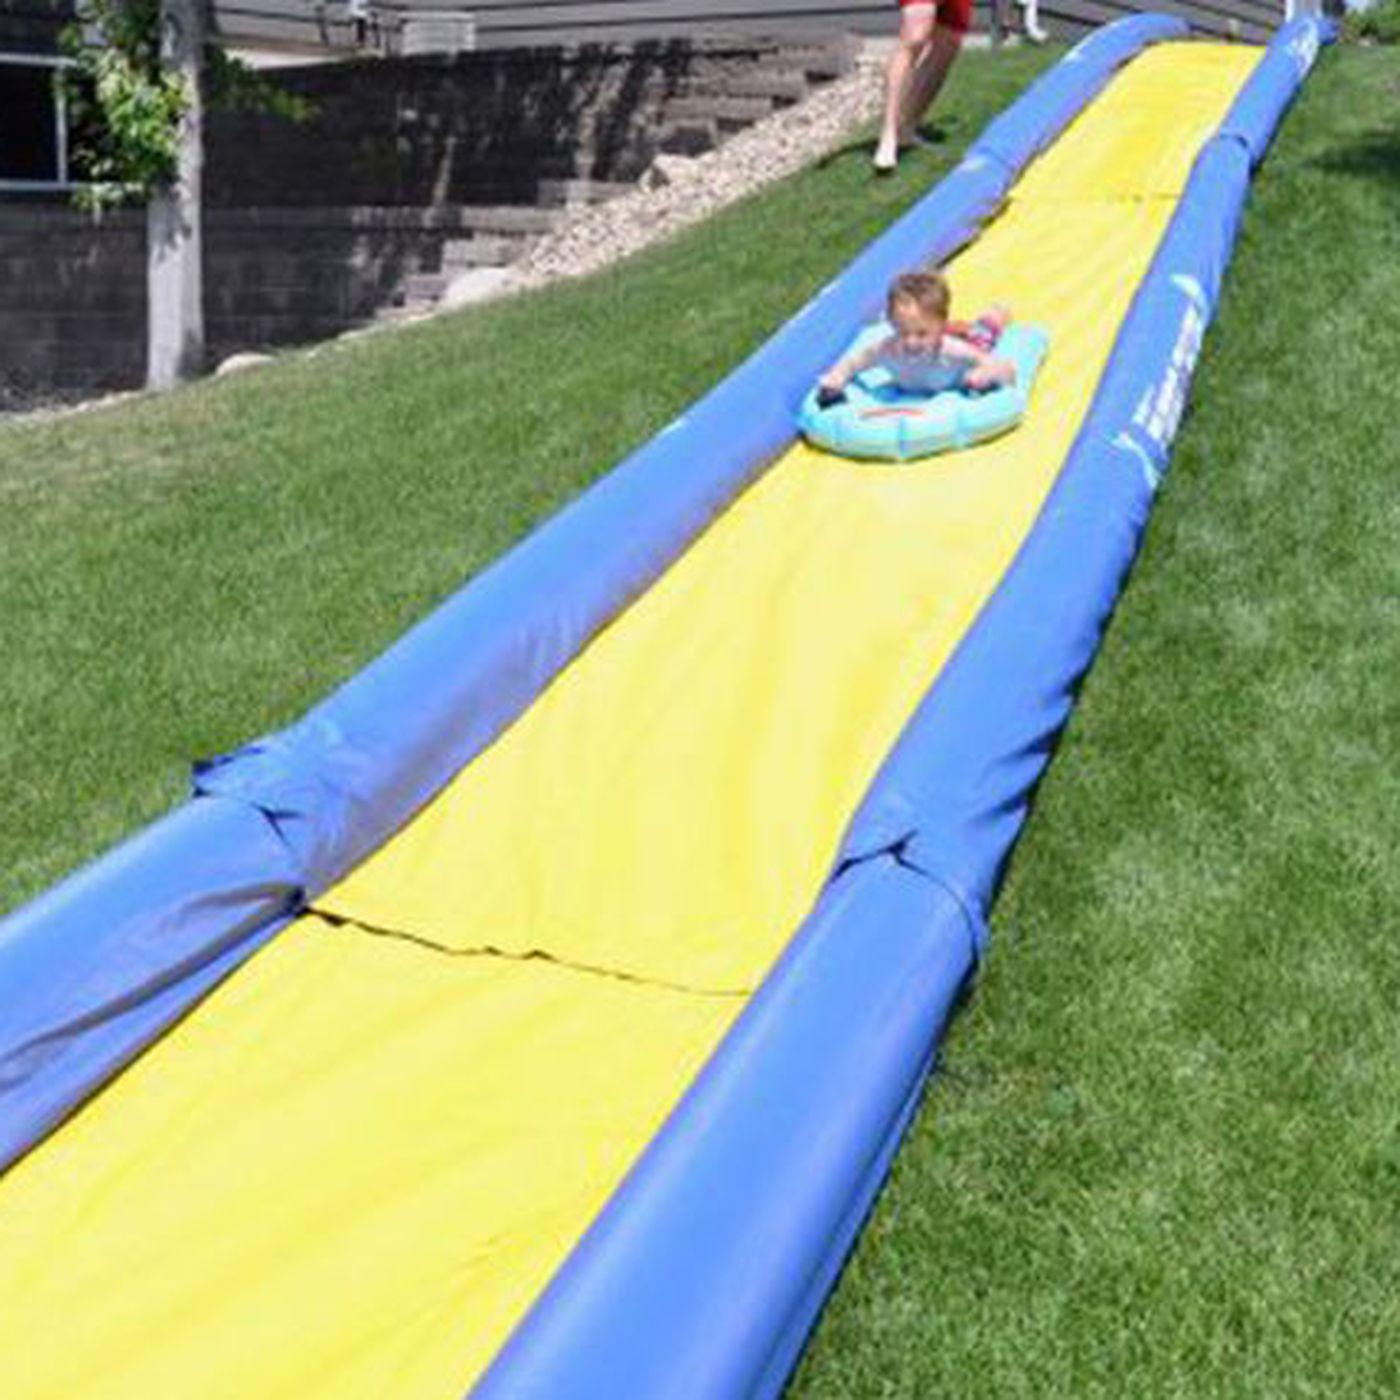 20_foot_slip_slide_1559743018.jpg